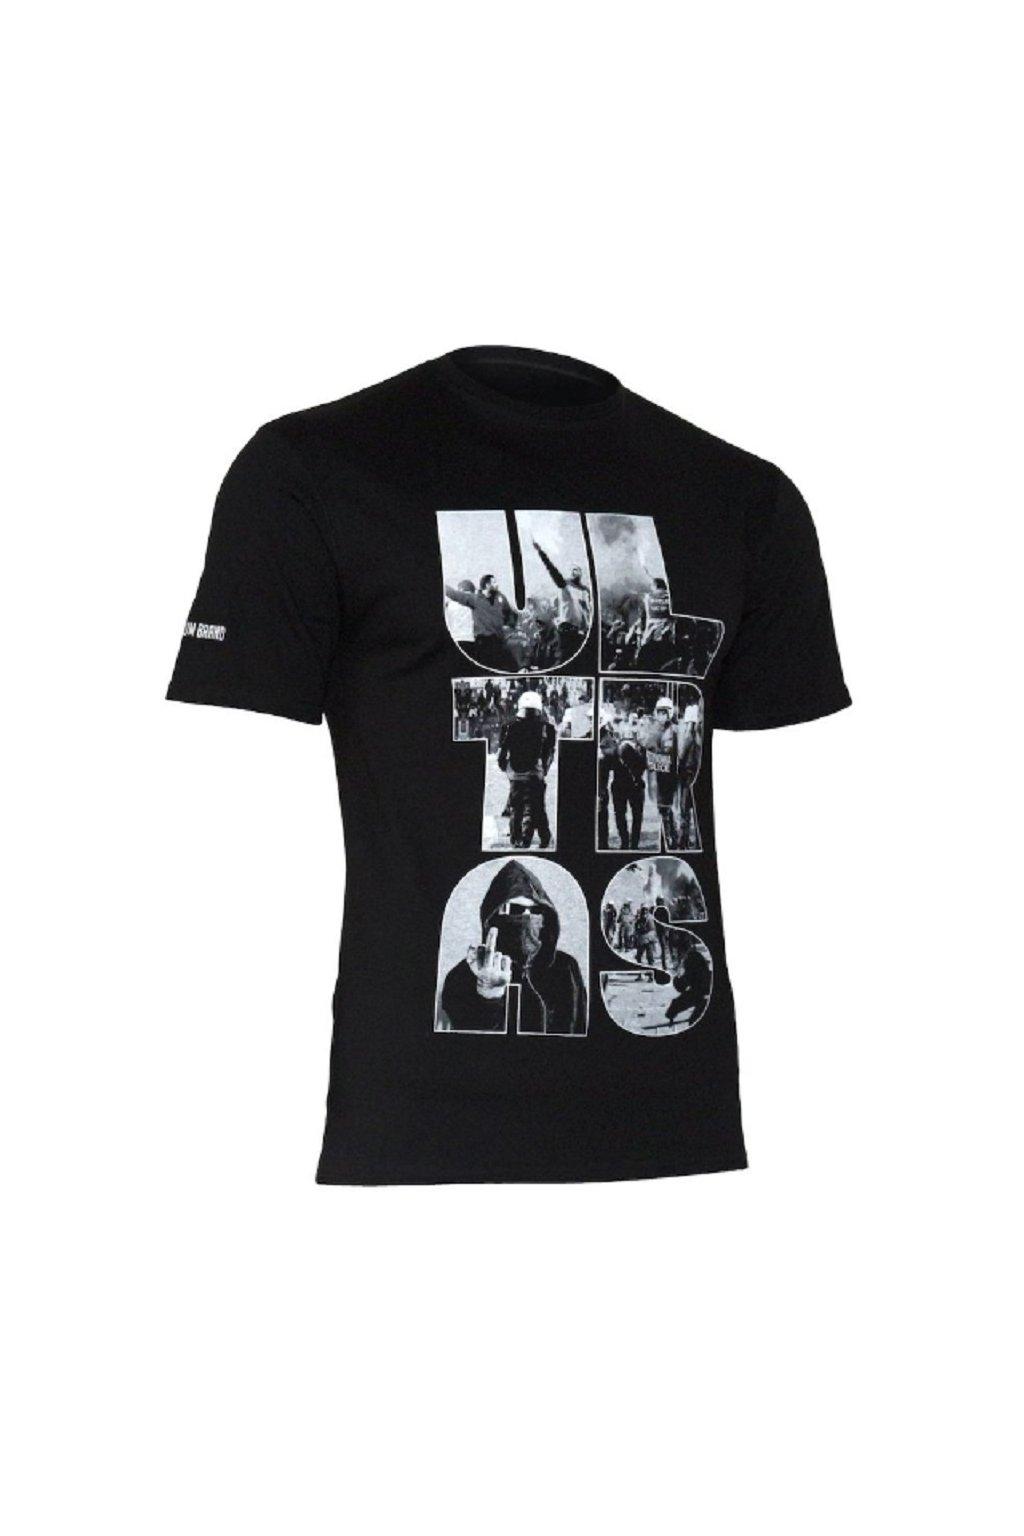 USWEAR pánské triko ULTRAS černé obr1